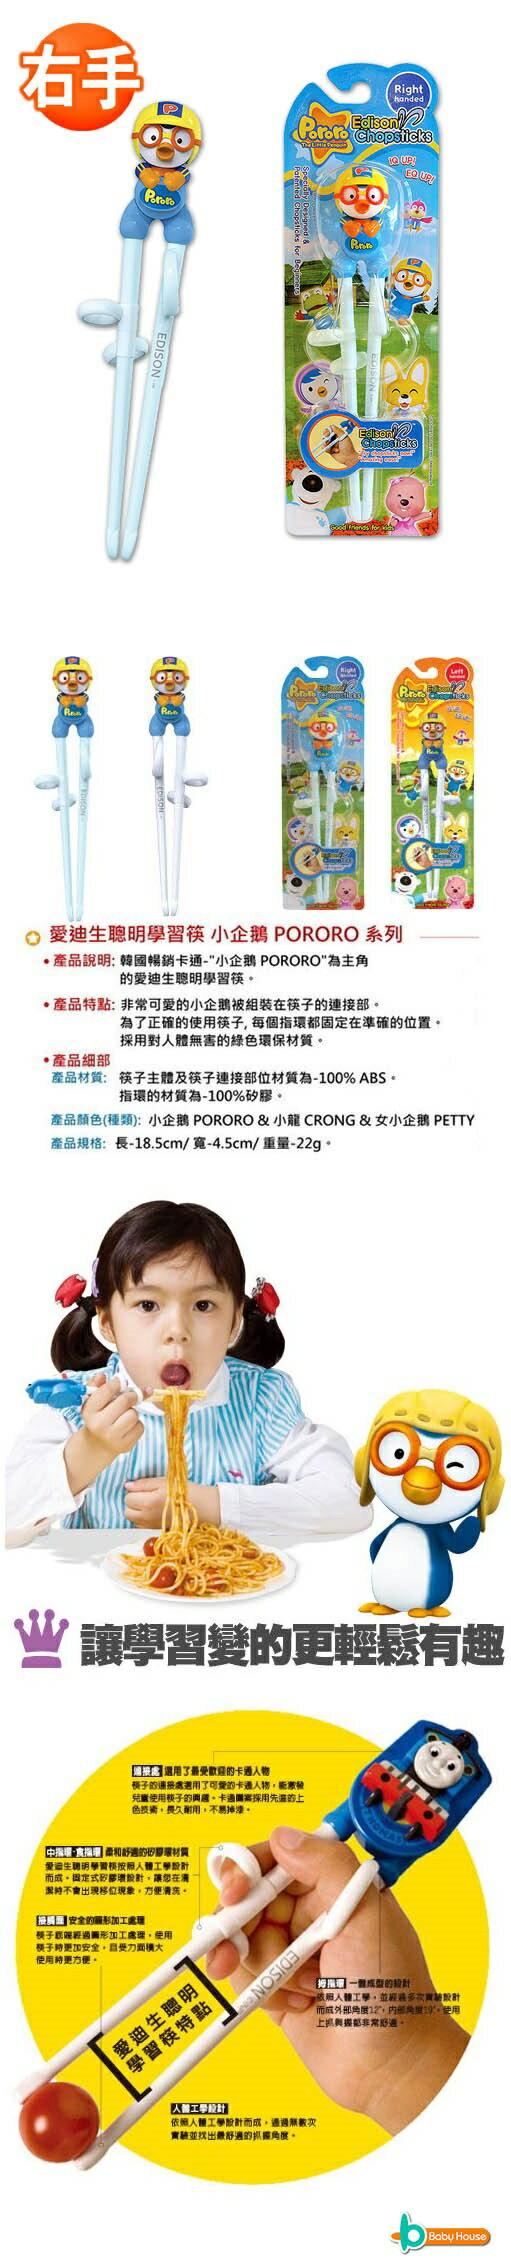 『121婦嬰用品館』baby house 愛迪生聰明學習筷 - Pororo(右手) 1